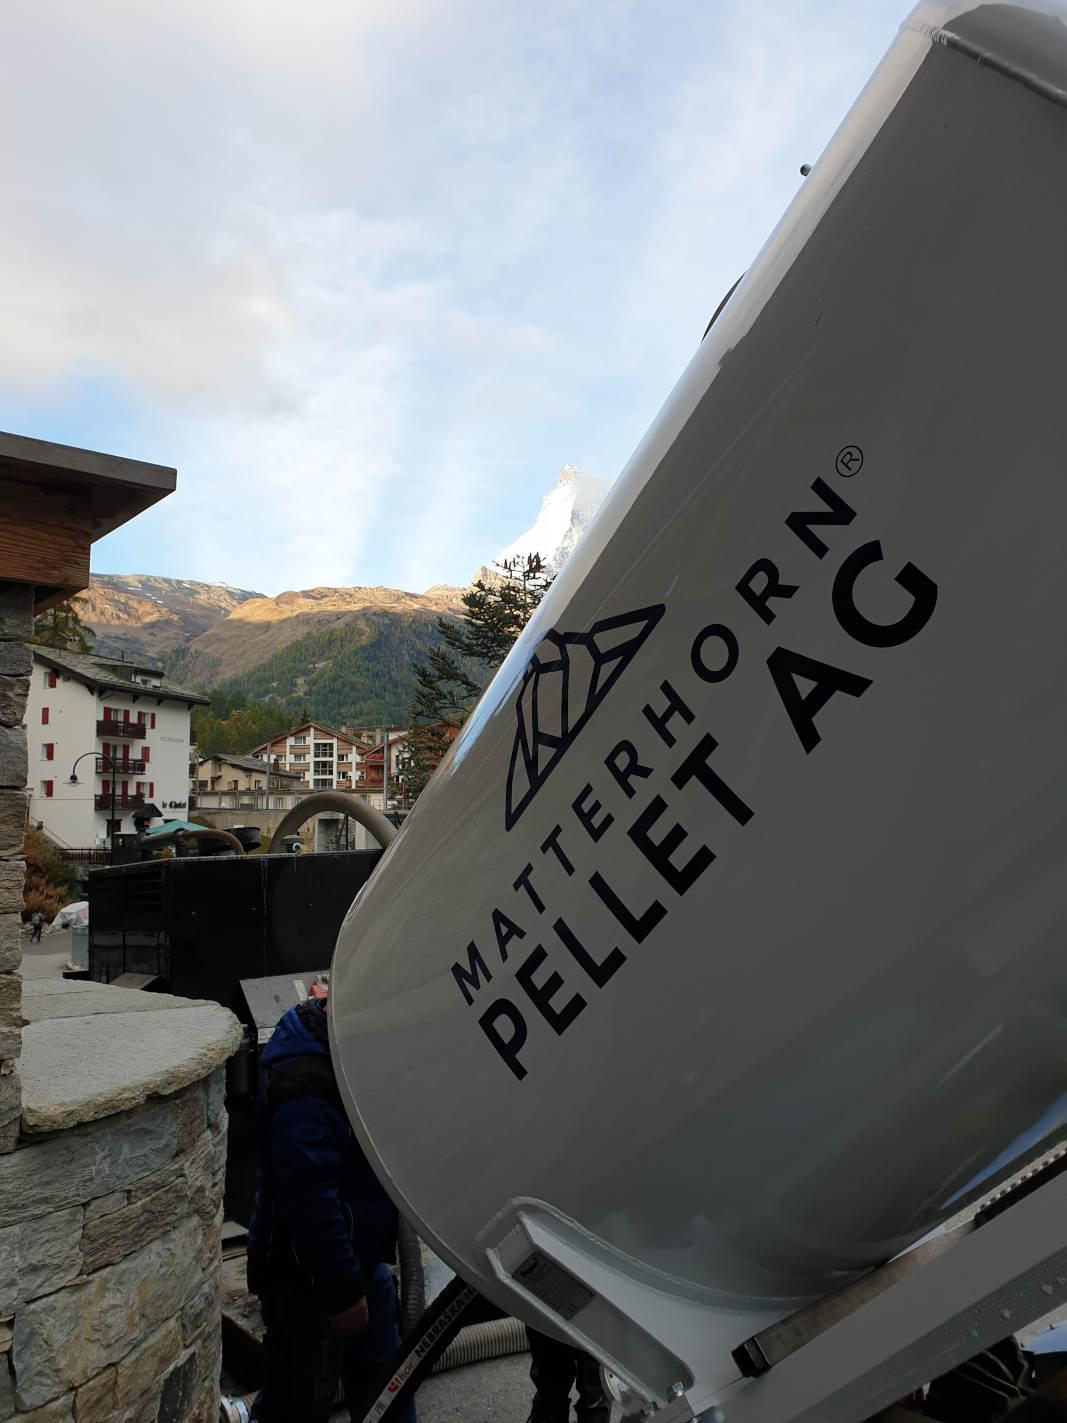 Lieferung Holzpellets 7 Heavens Zermatt